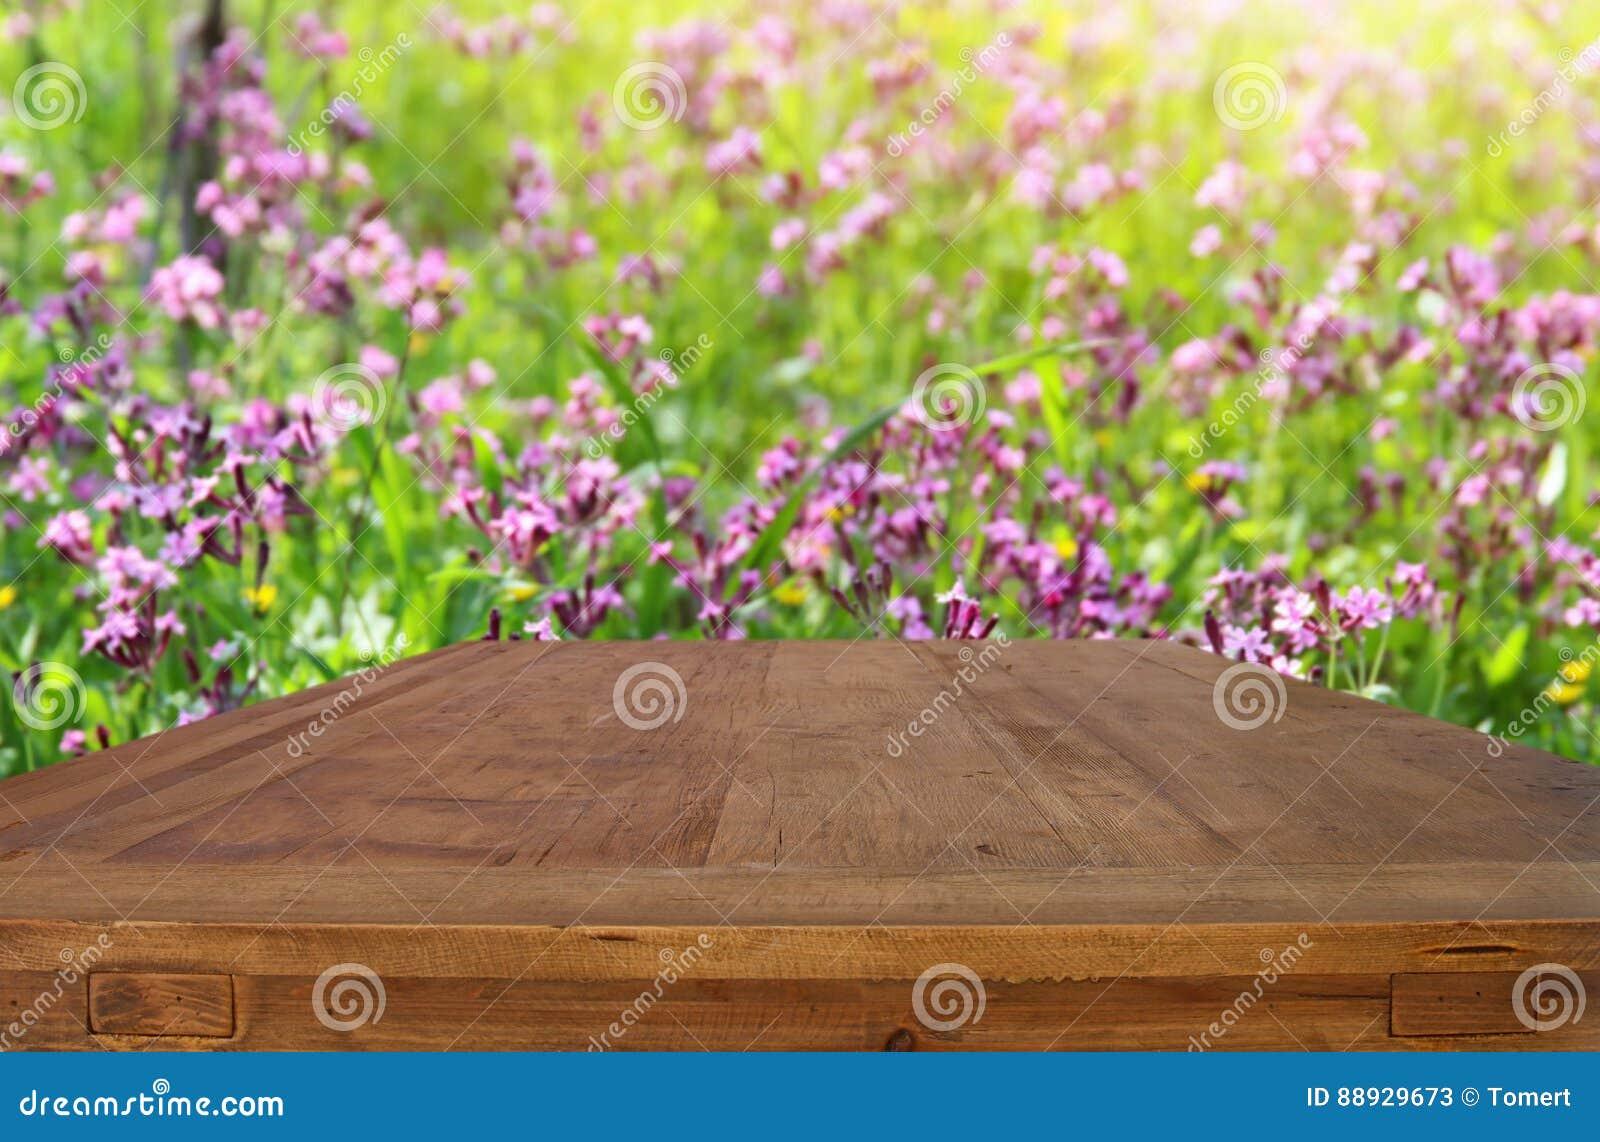 Опорожните деревенскую таблицу перед предпосылкой цветков весны красивой